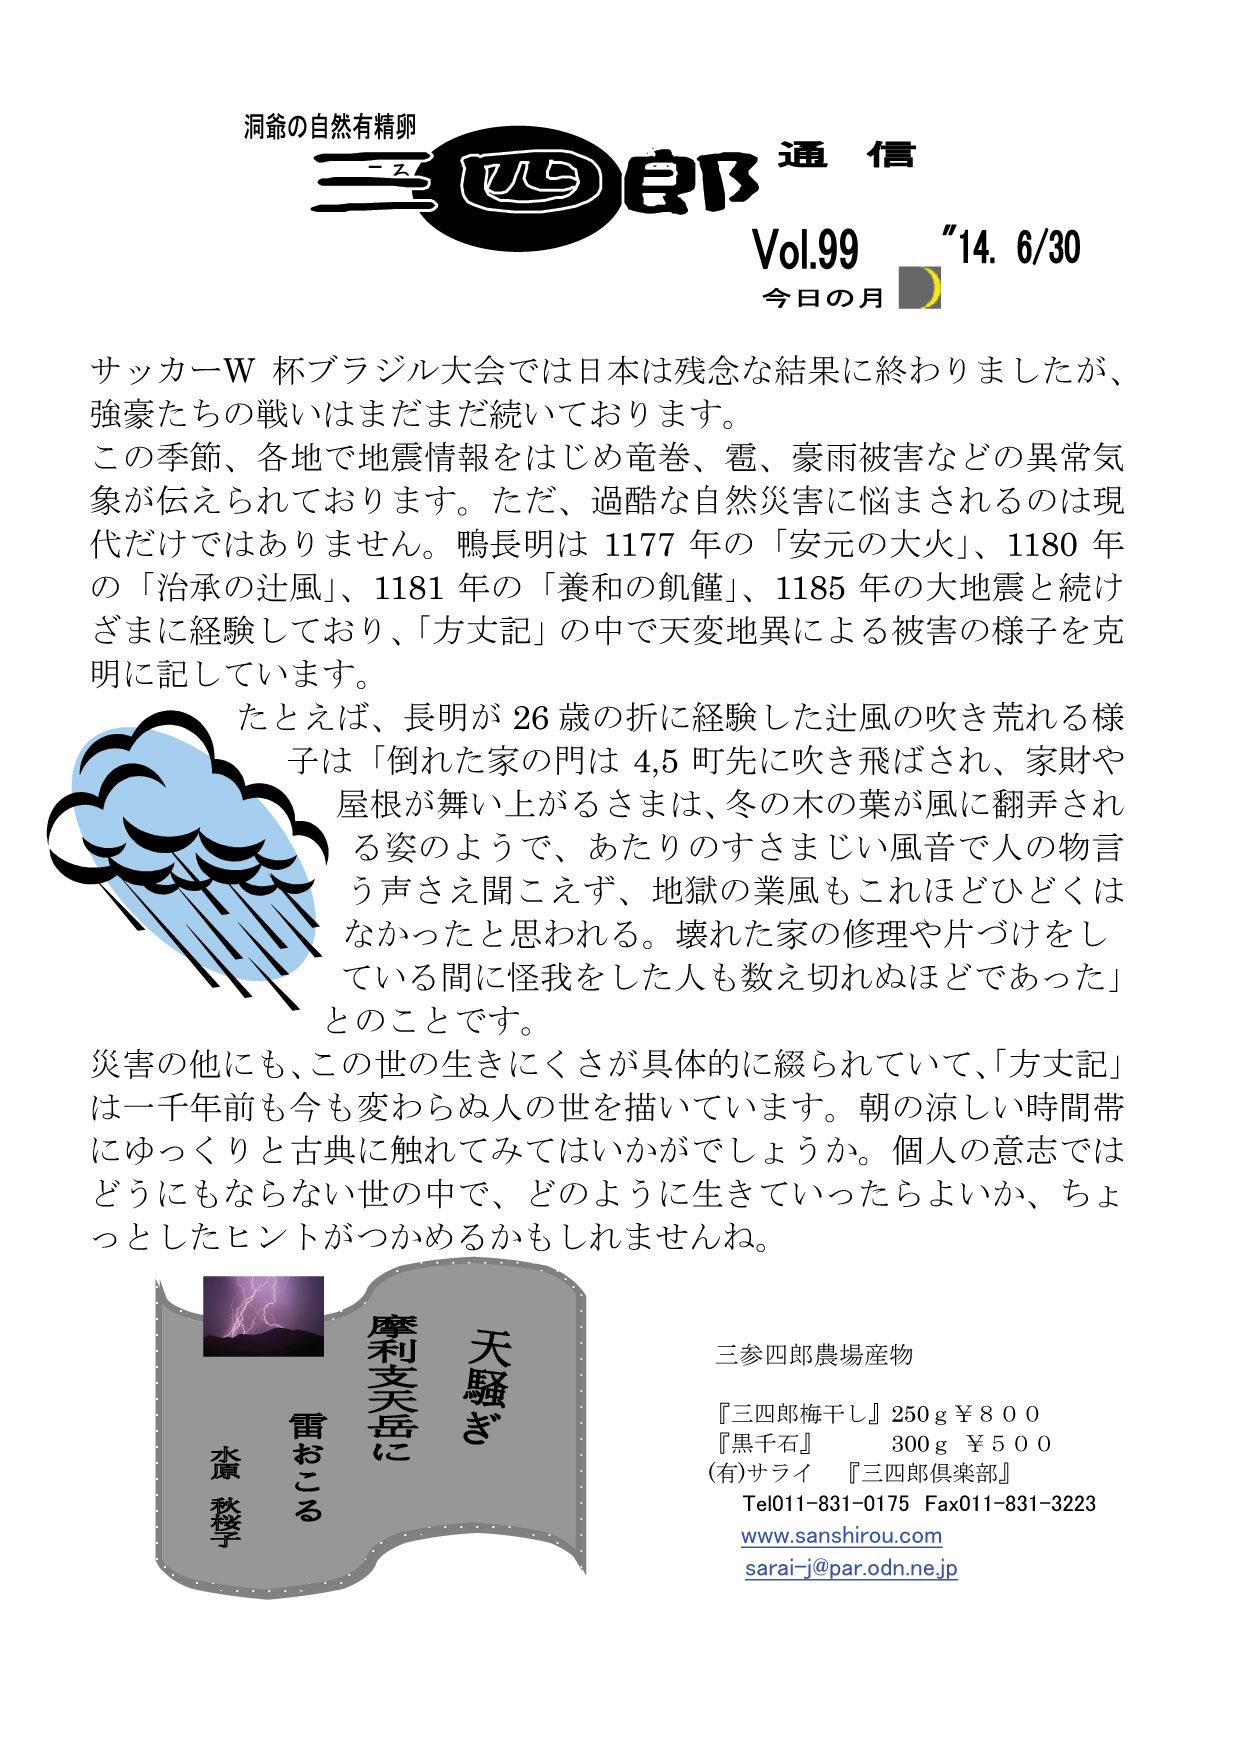 三四郎通信1406-vol99